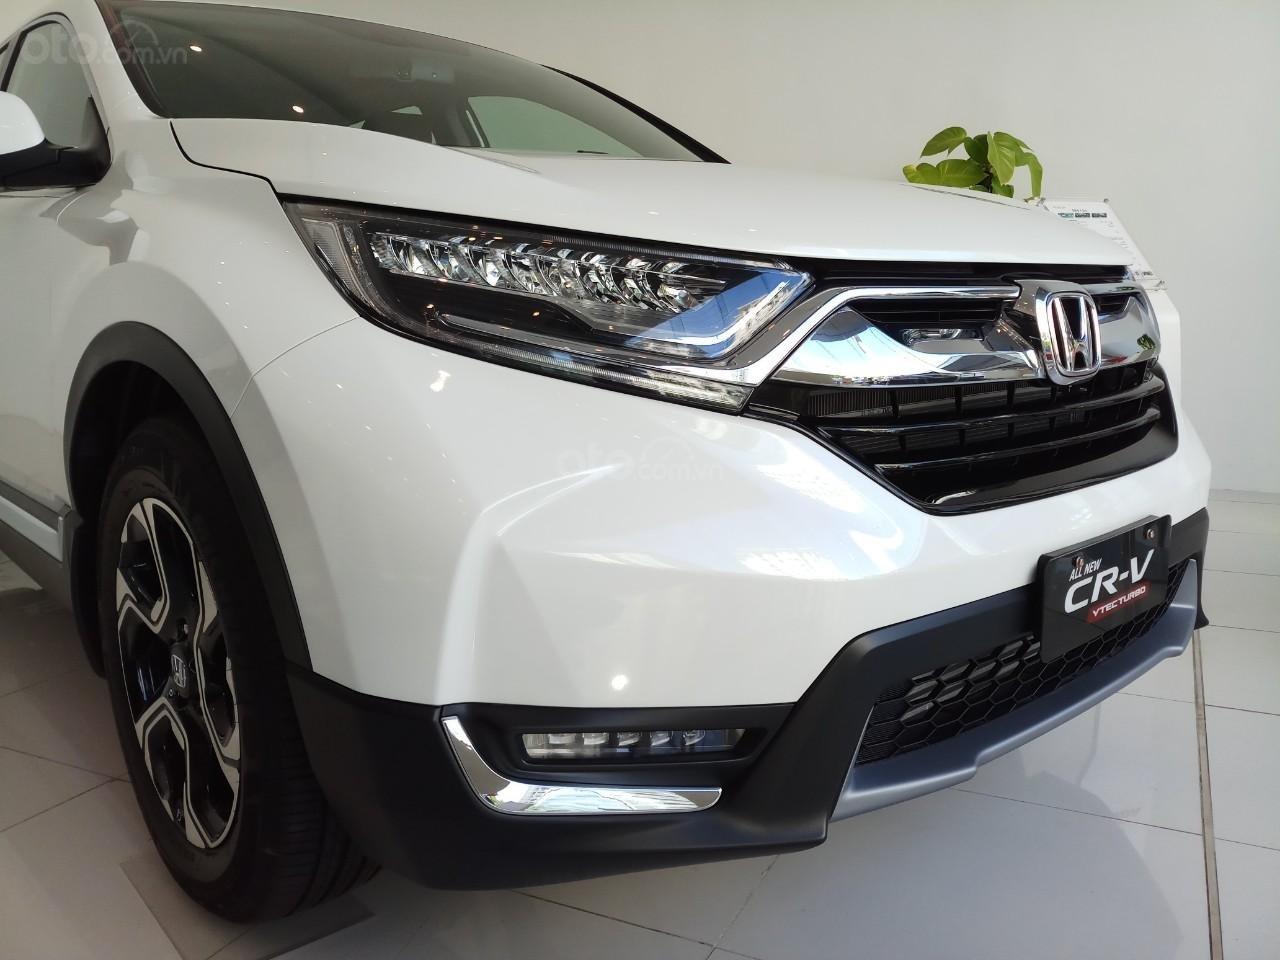 Giao ngay khuyến mại khủng Honda CRV L 2019, màu trắng: Giảm tiền mặt, tặng bảo hiểm và phụ kiện. Lh: 0964099926 (4)